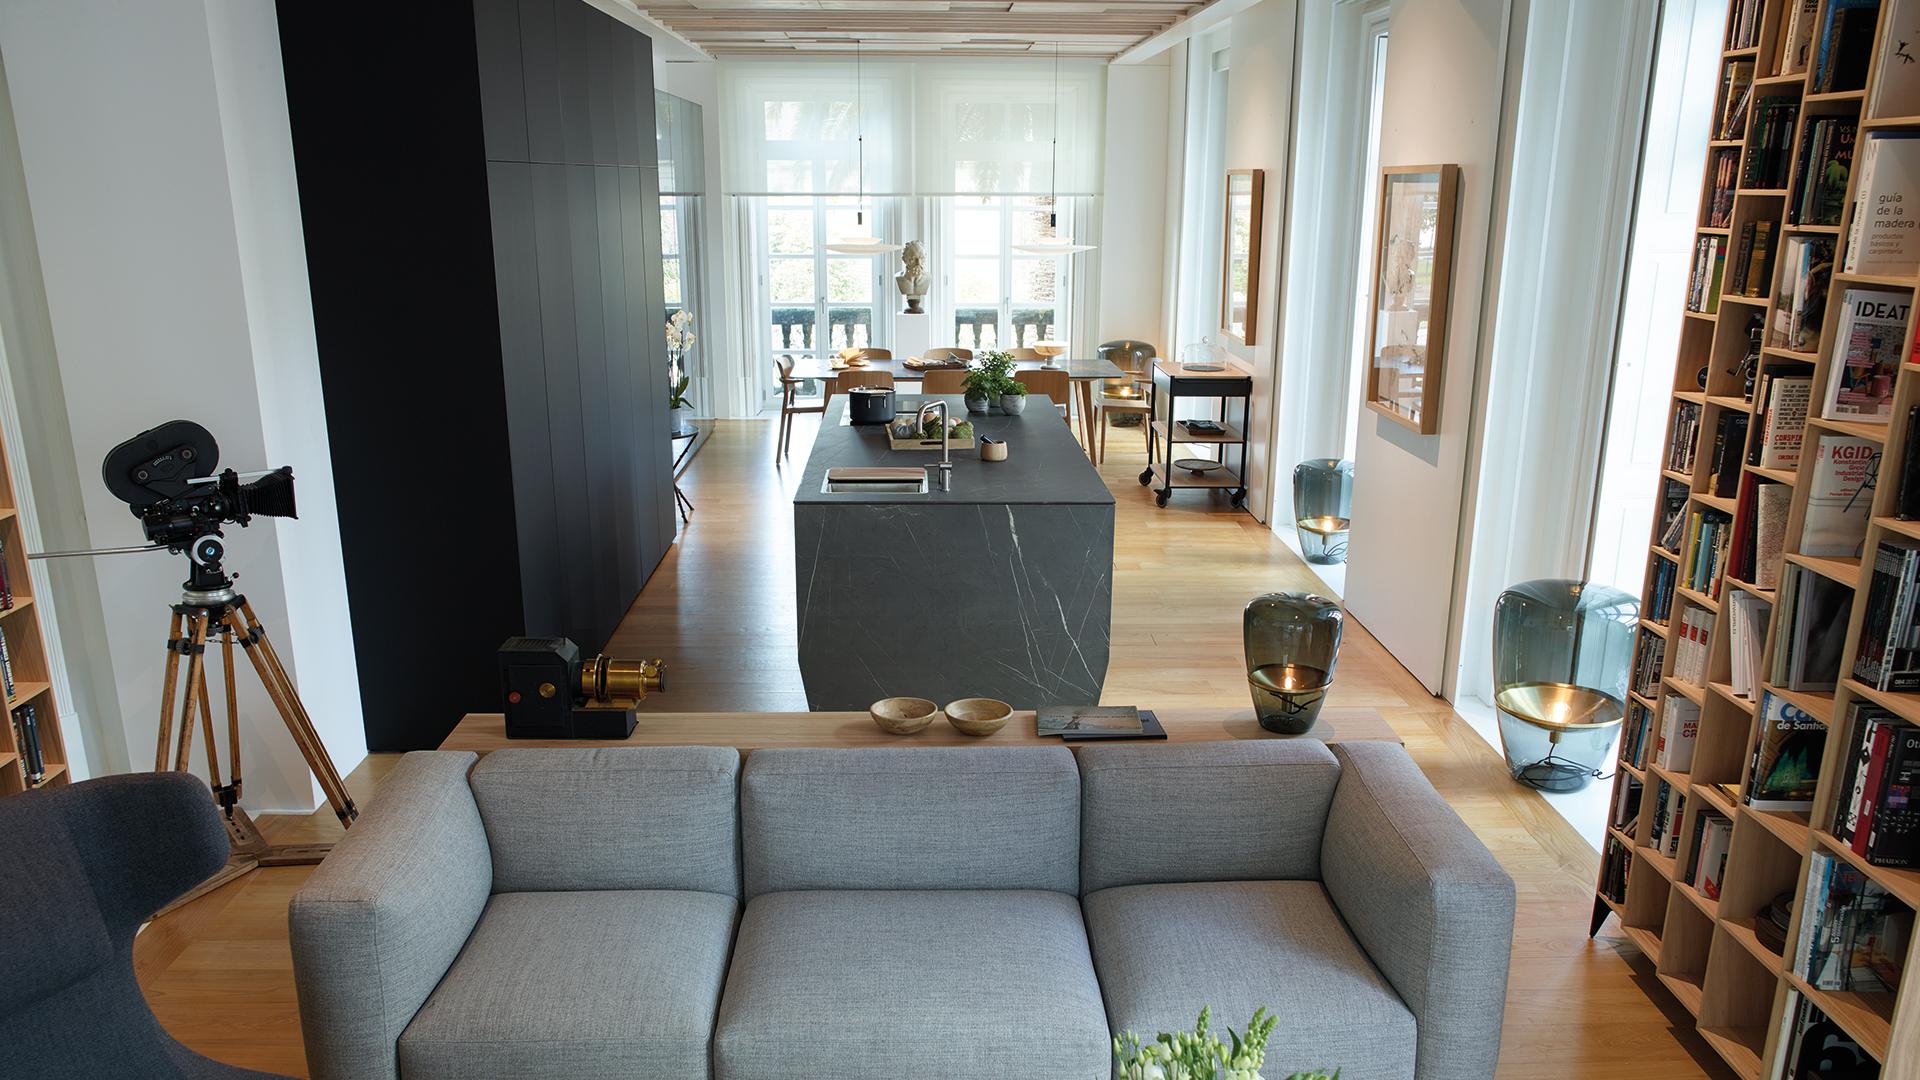 Santos presenta sus últimas novedades en mobiliario de cocina